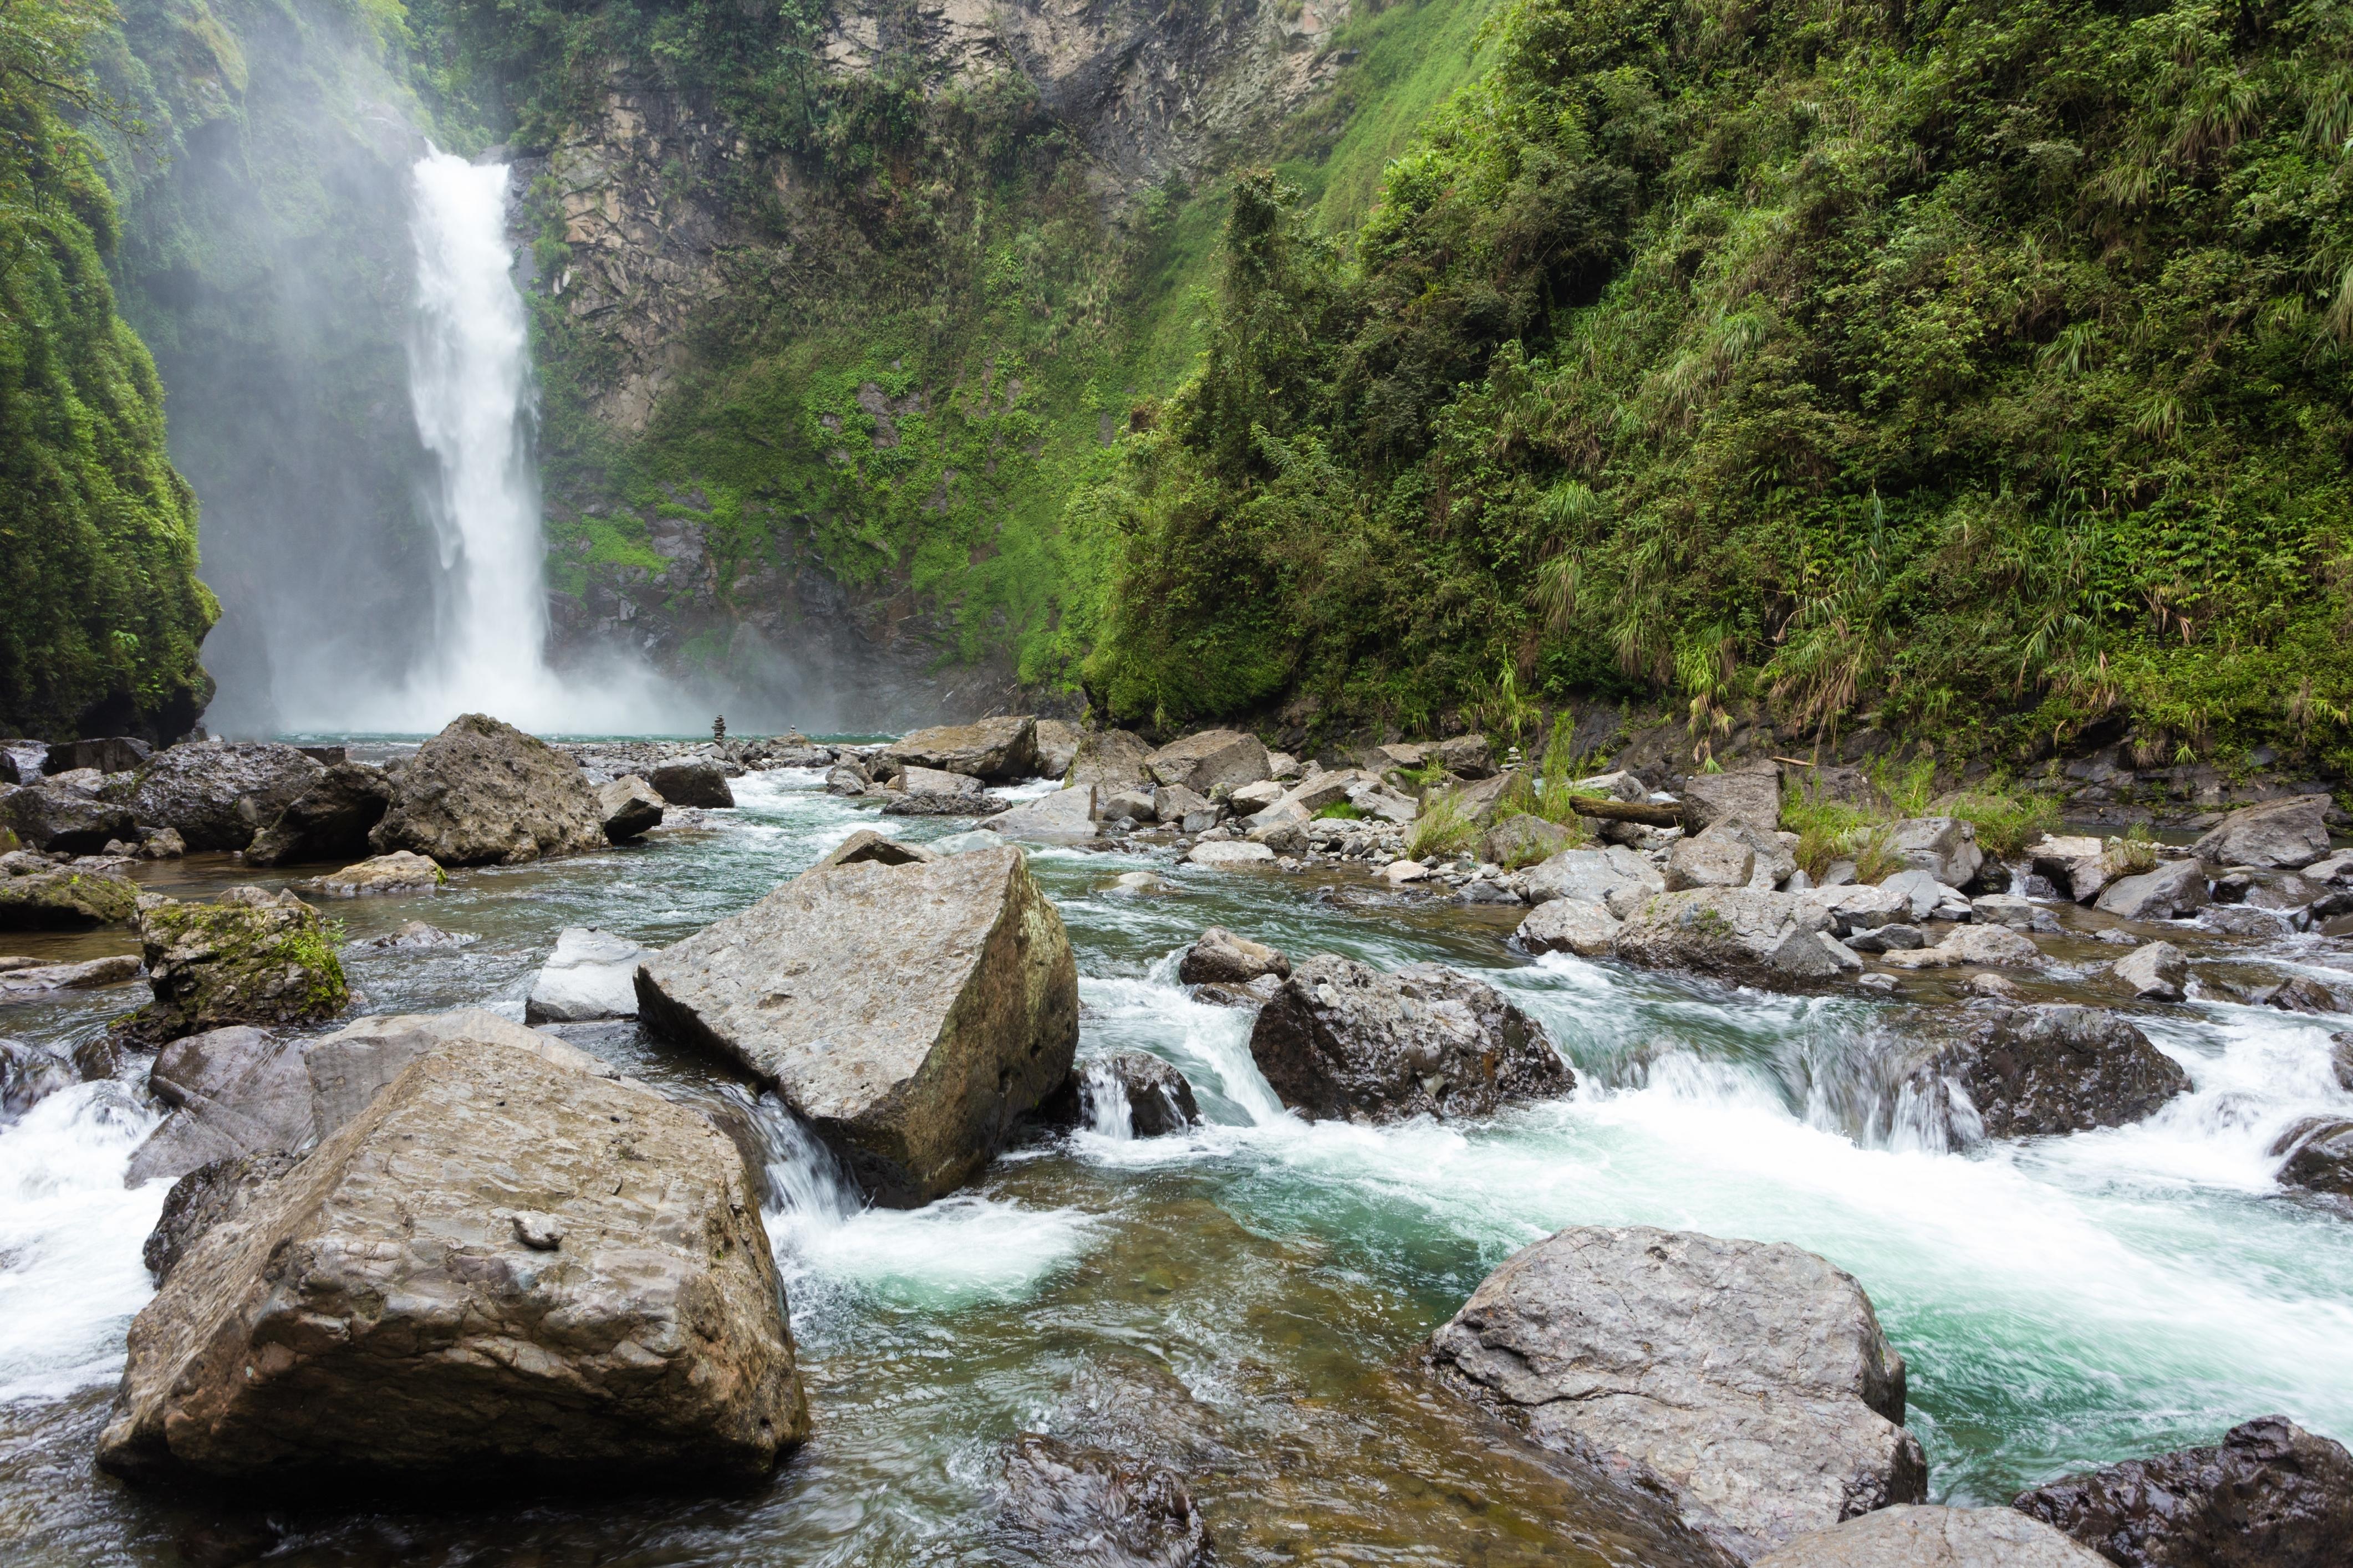 Gushing waters from the enchanting Tappiya Falls in Banaue